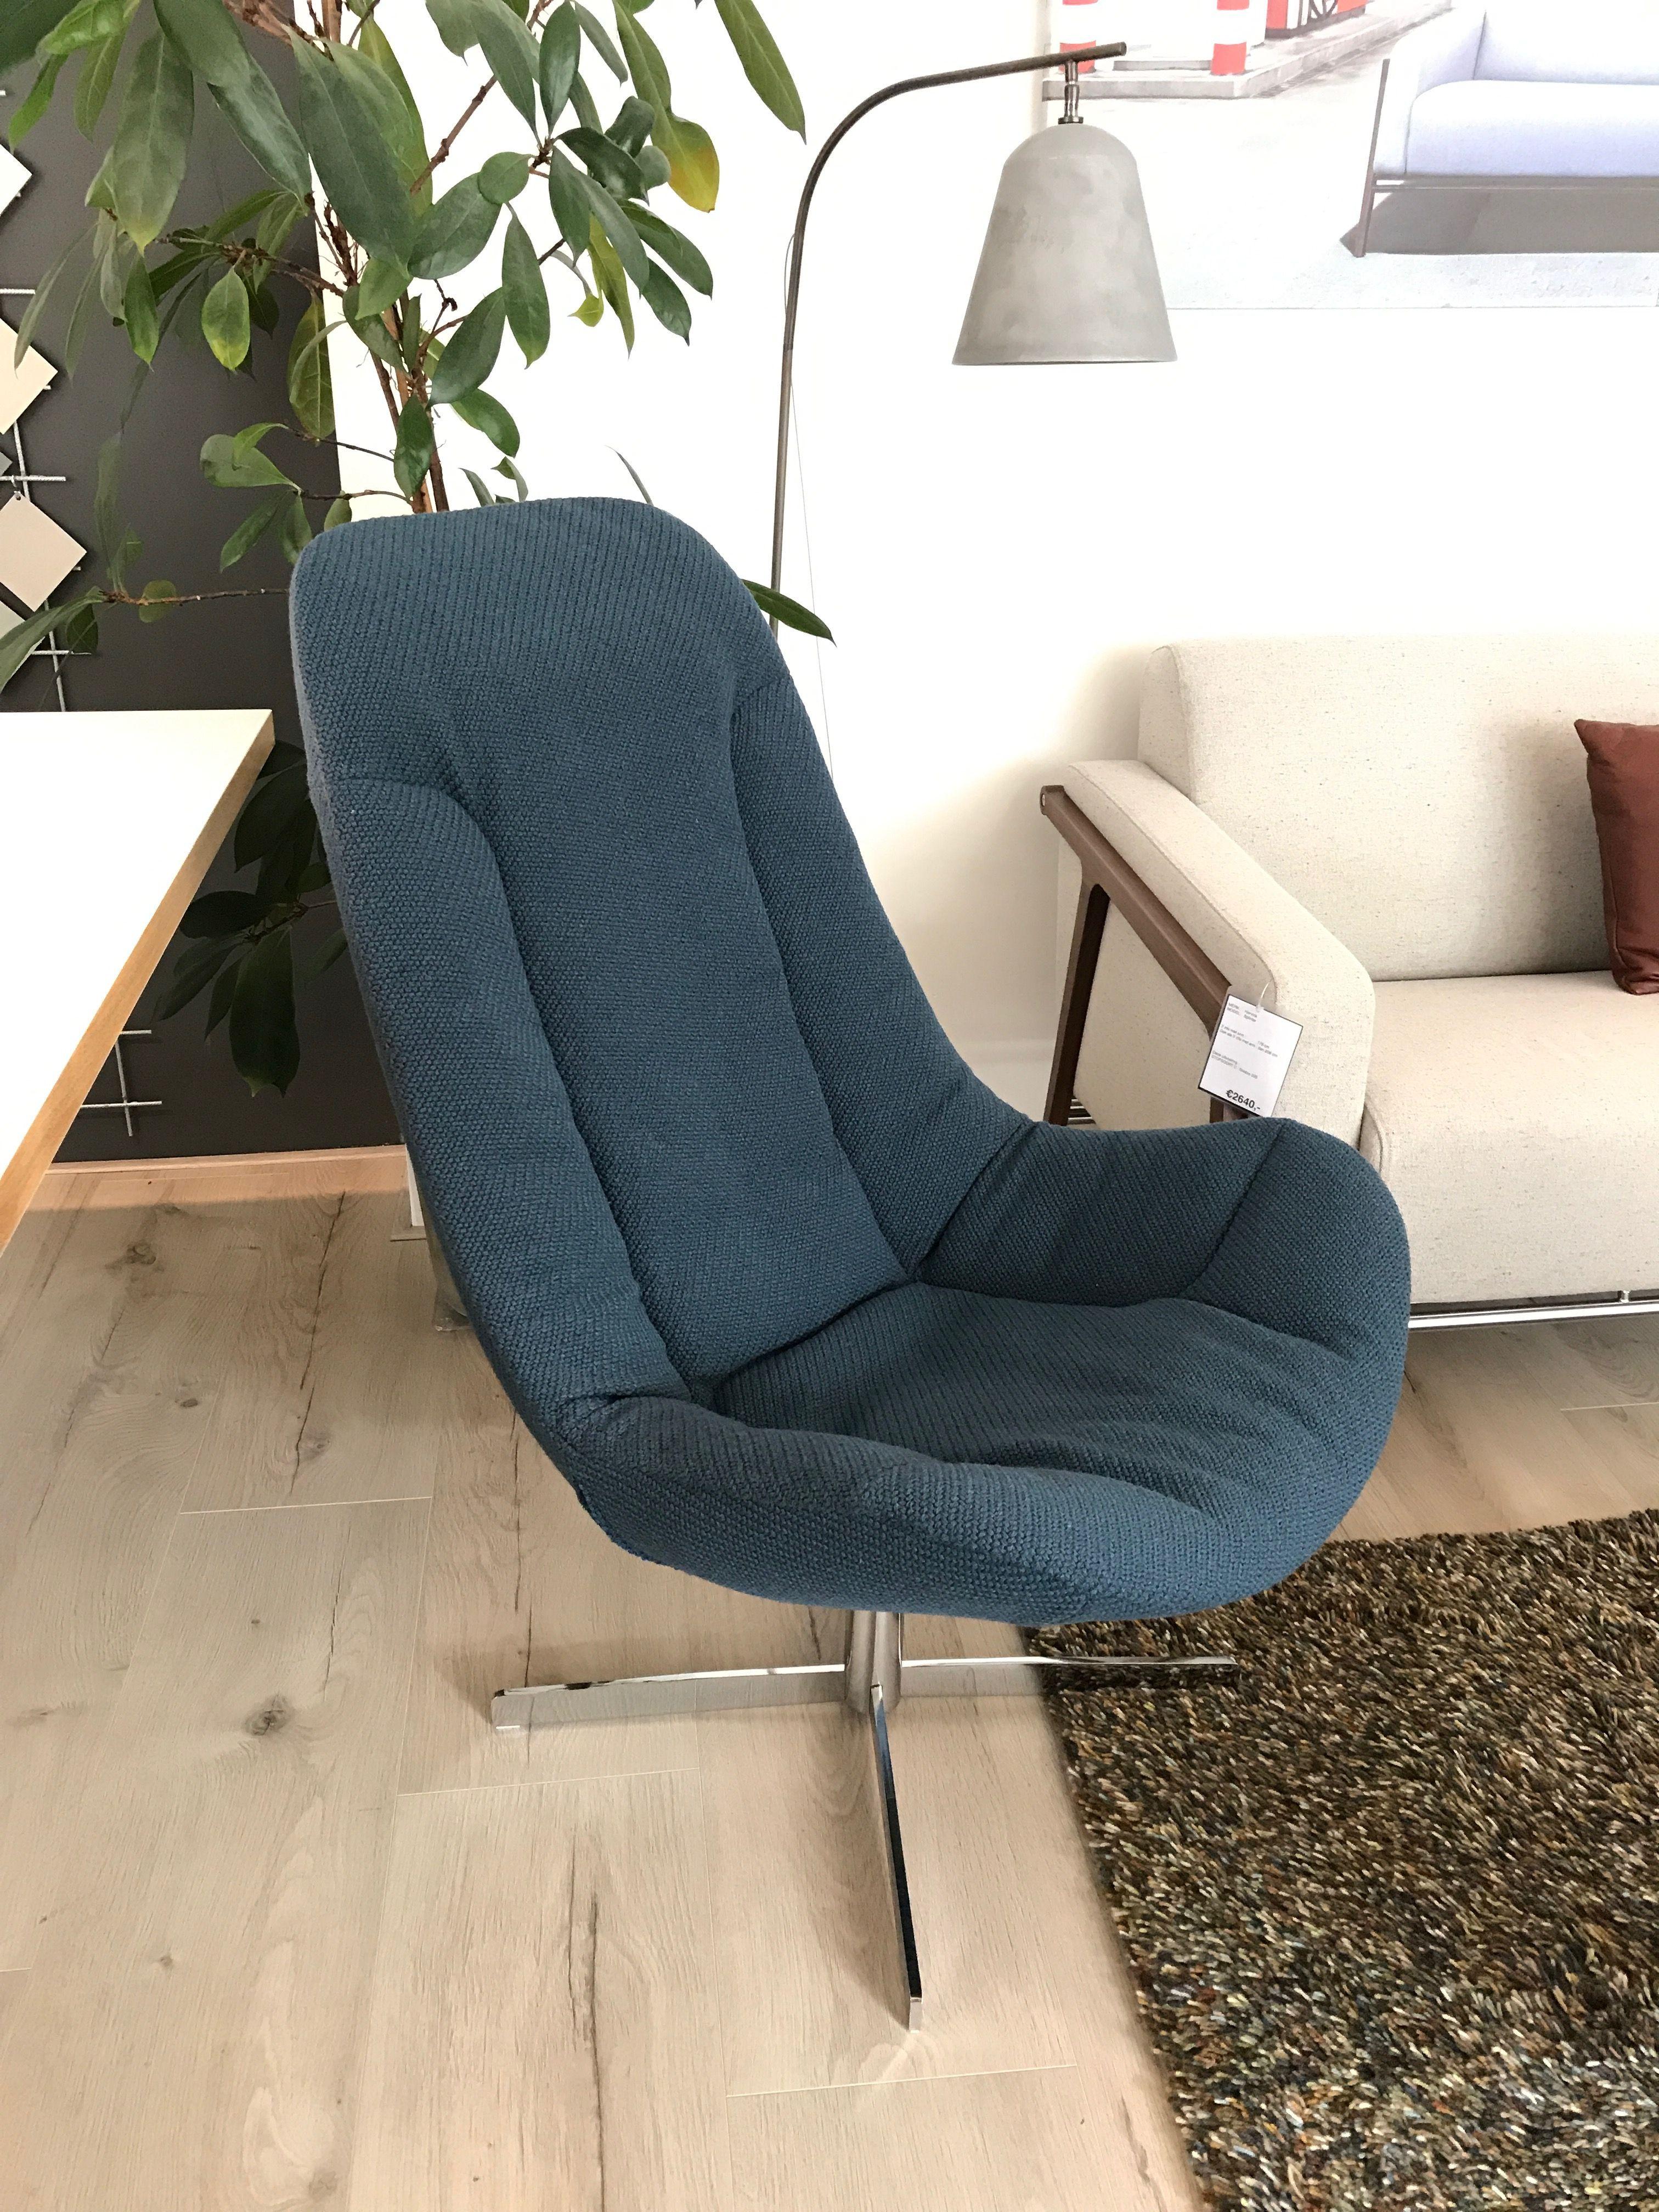 Stoelen Van Gelderland.Pin Van Samantha Siler Op Be Seated Chair In 2020 Designer